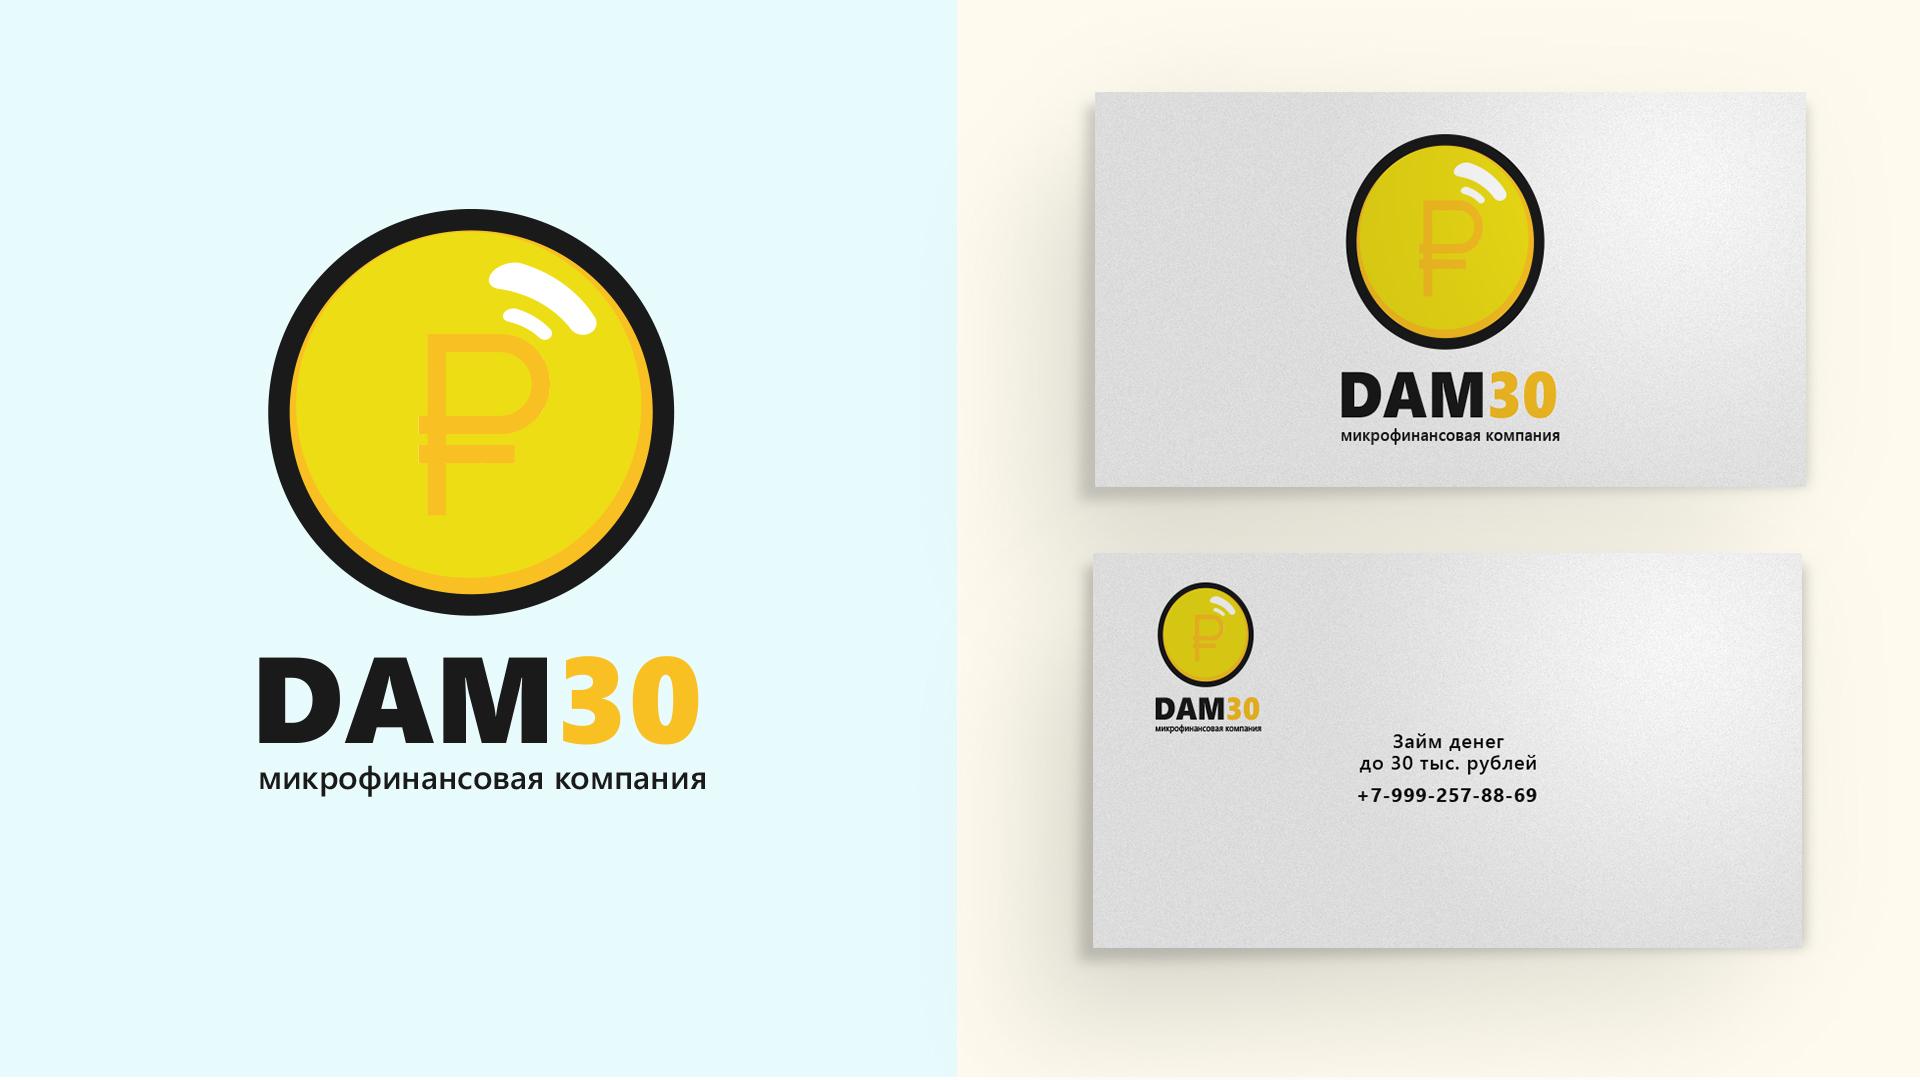 Логотип для микрокредитной, микрофинансовой компании фото f_3085a2981b12f08a.jpg